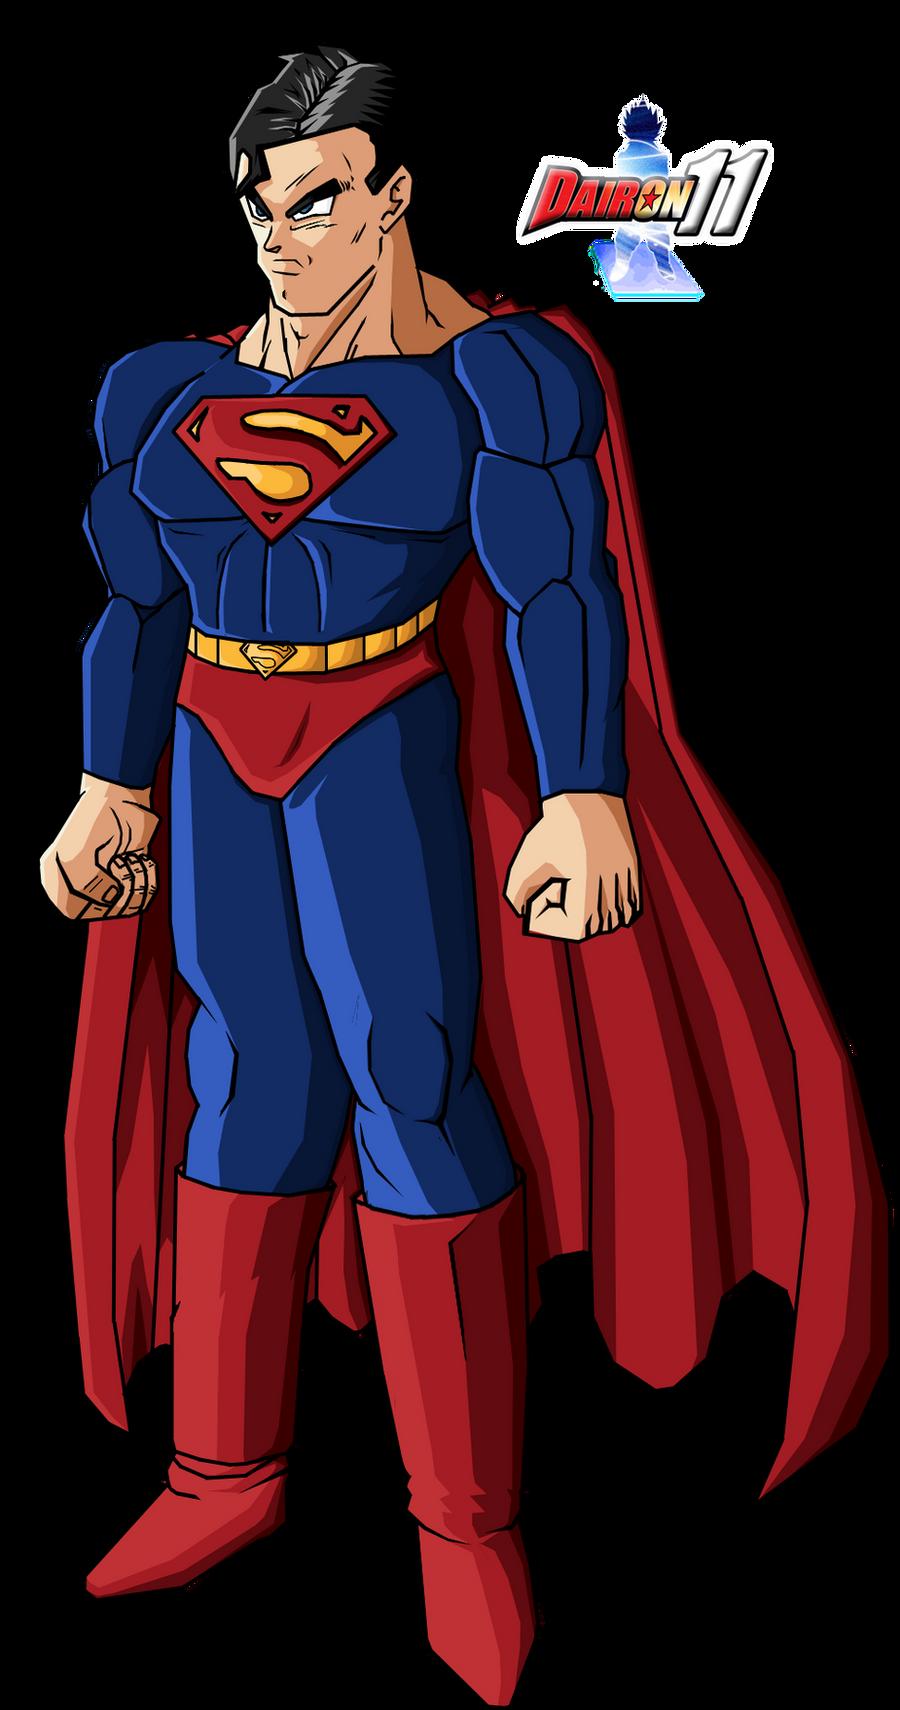 Superman Tenkaichi Style by Dairon11